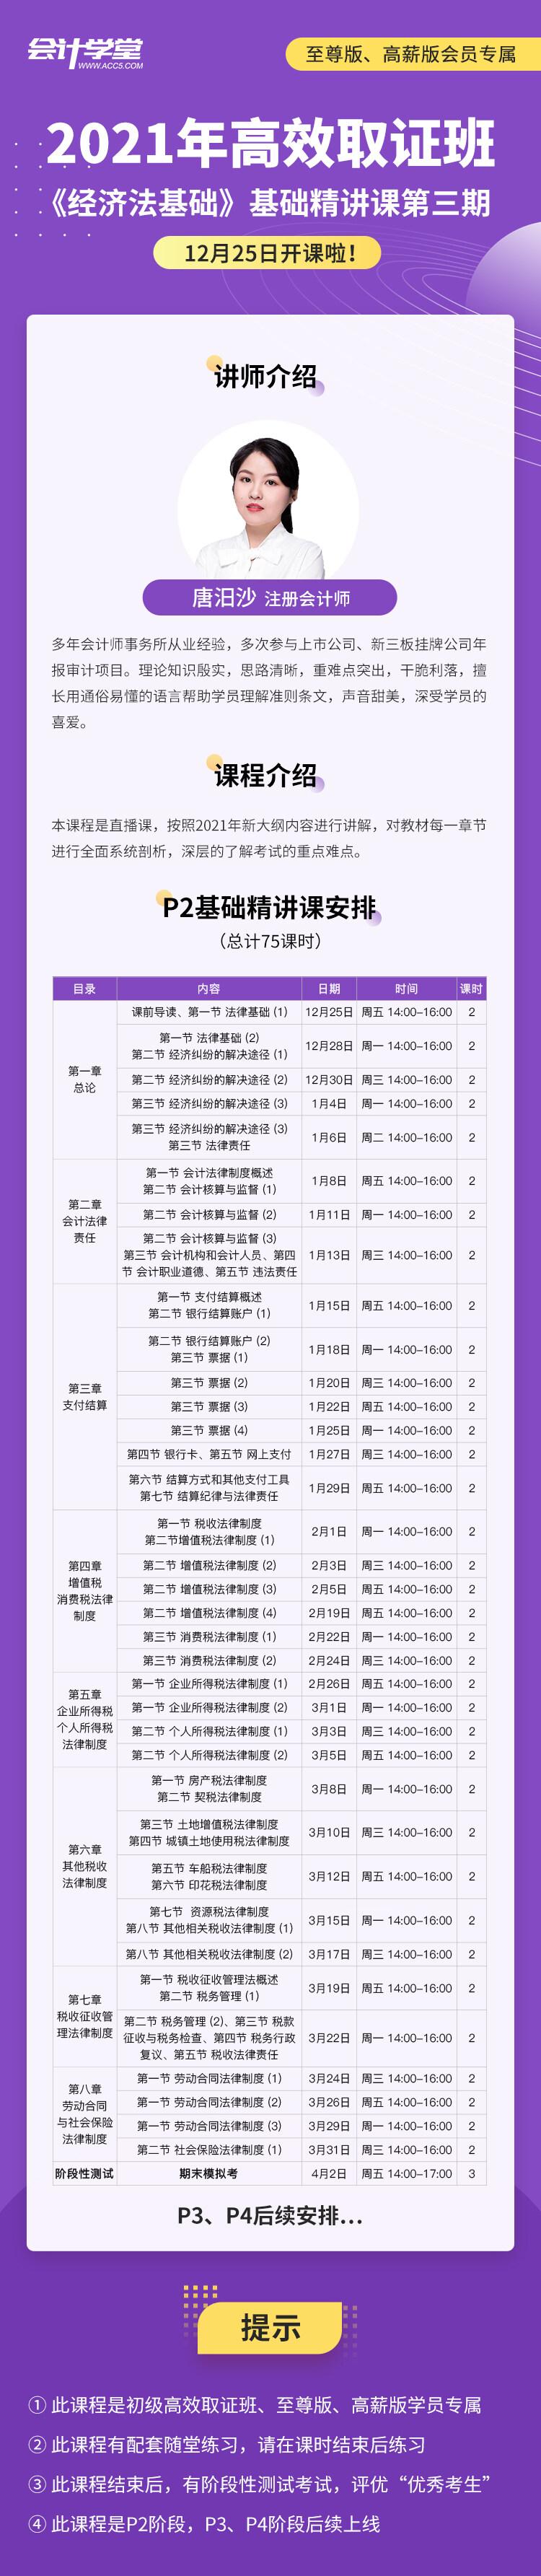 2021年高效取证班《经济法基础》基础精讲课第三期-改(1).jpg